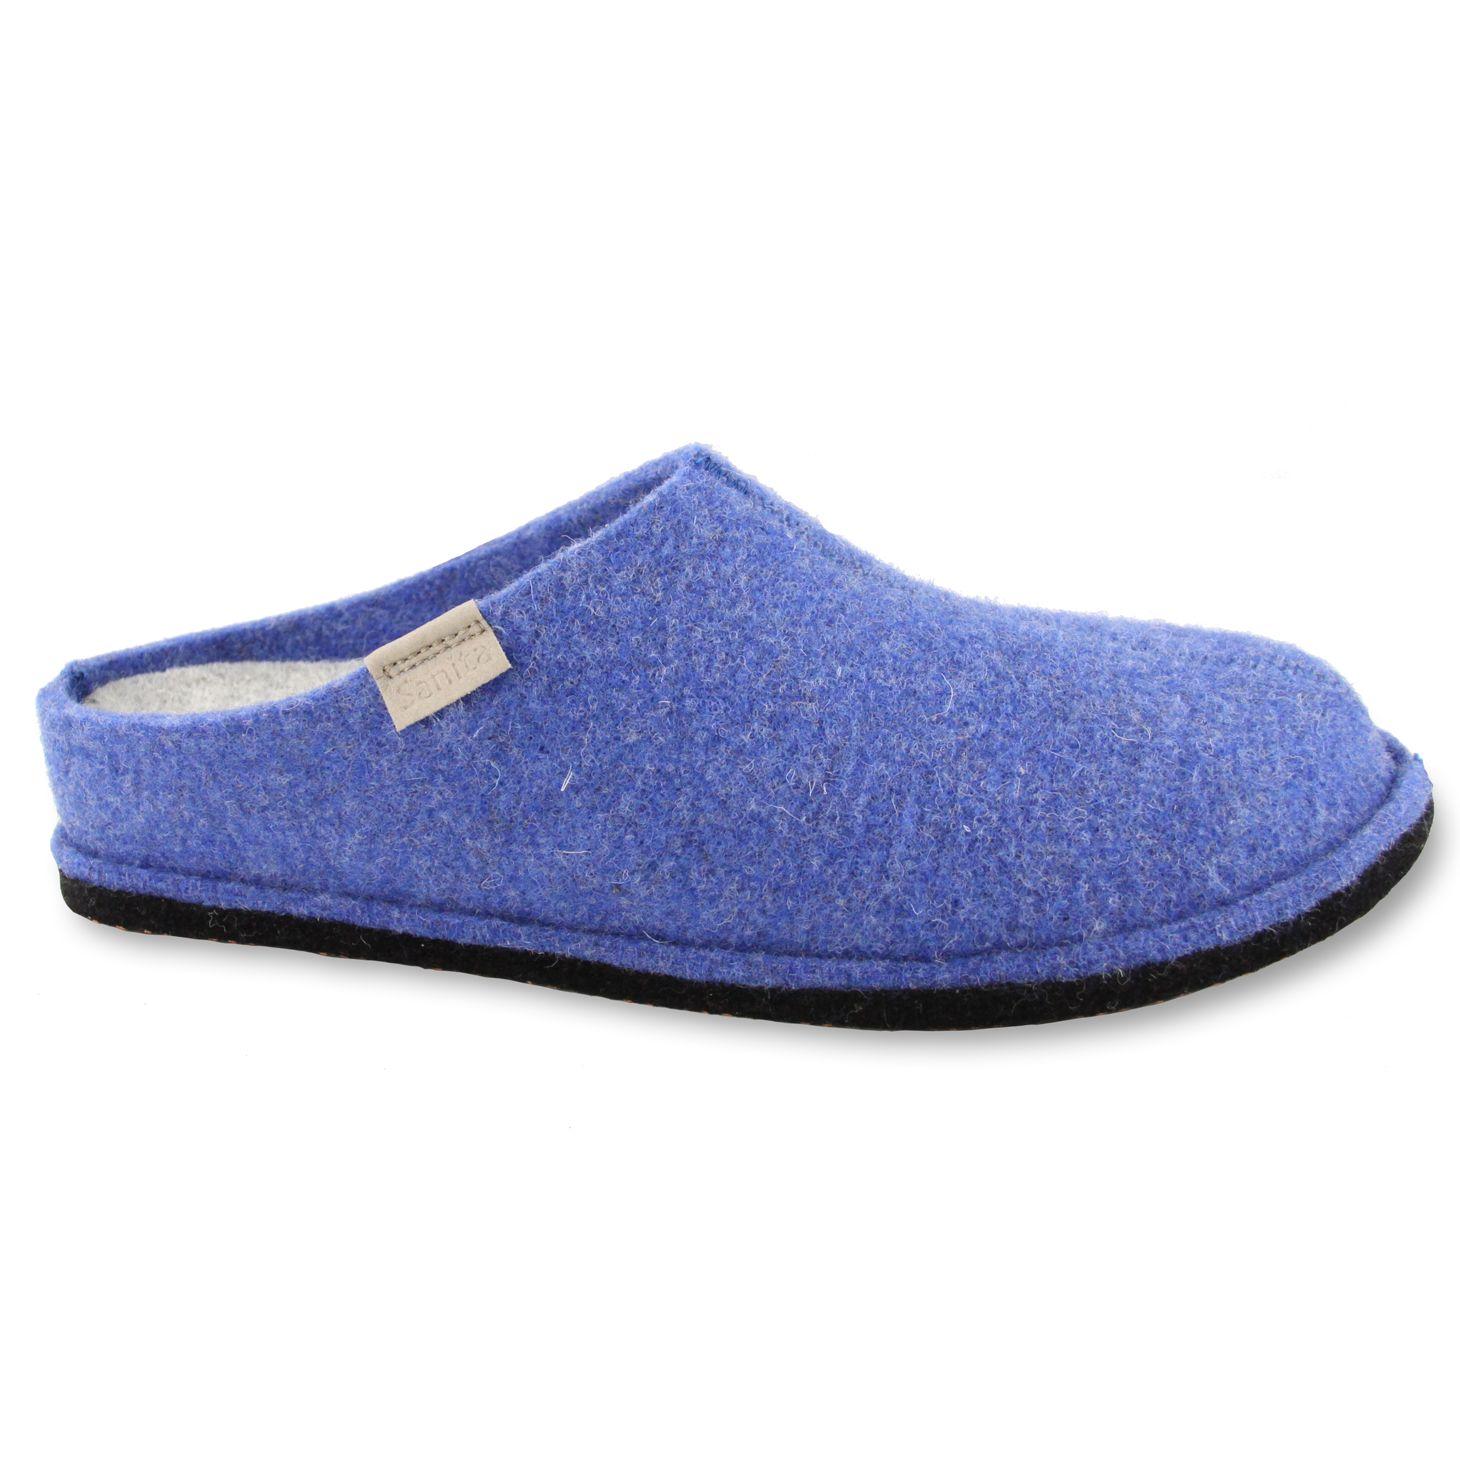 FAROE Unisex Slippers-Sanita